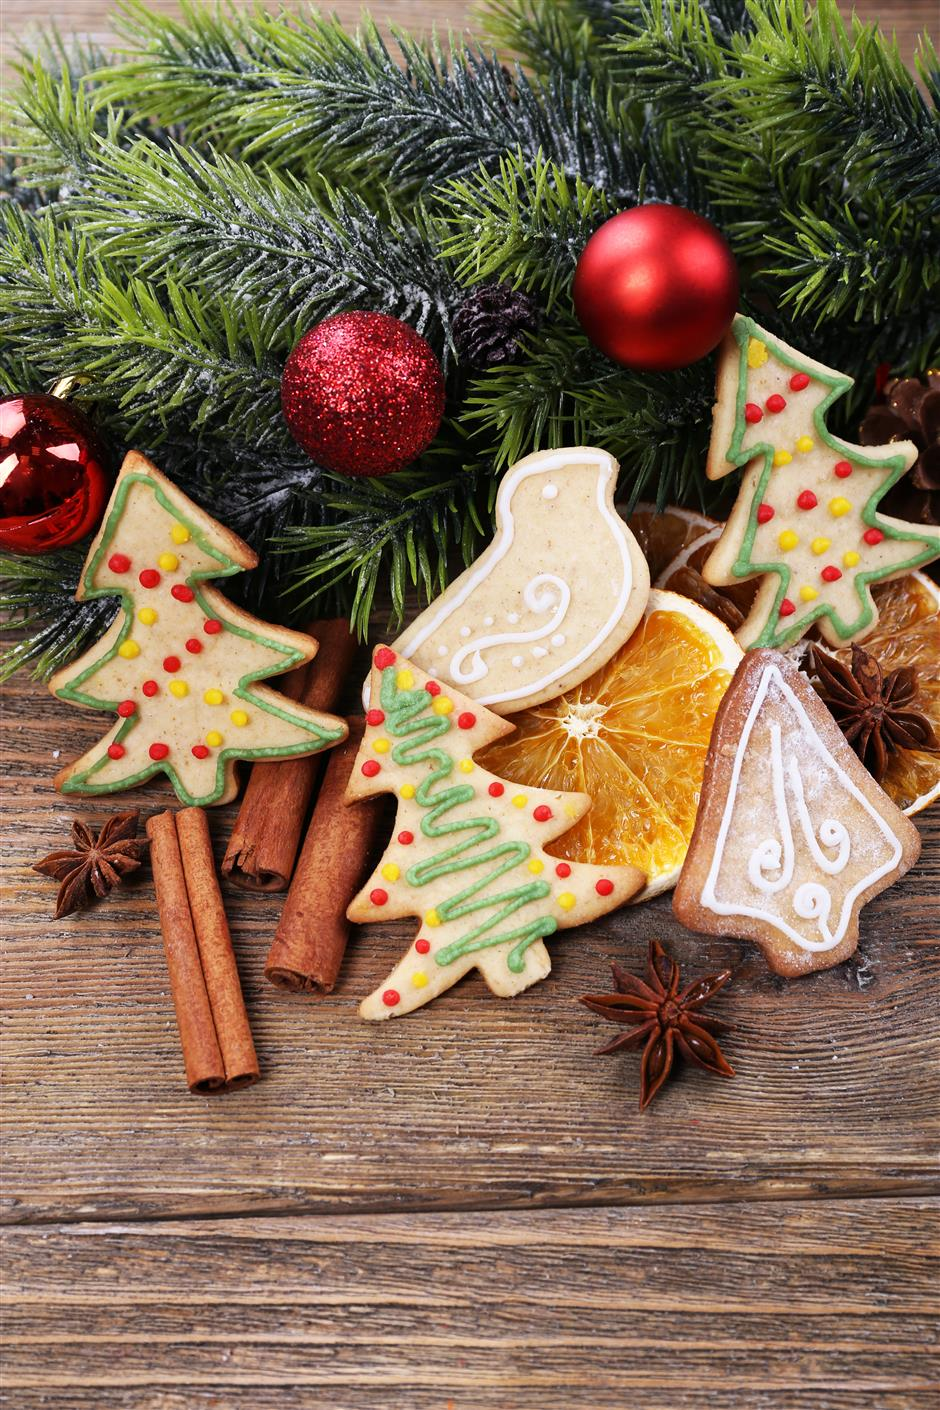 'Tis the season to eat merry!